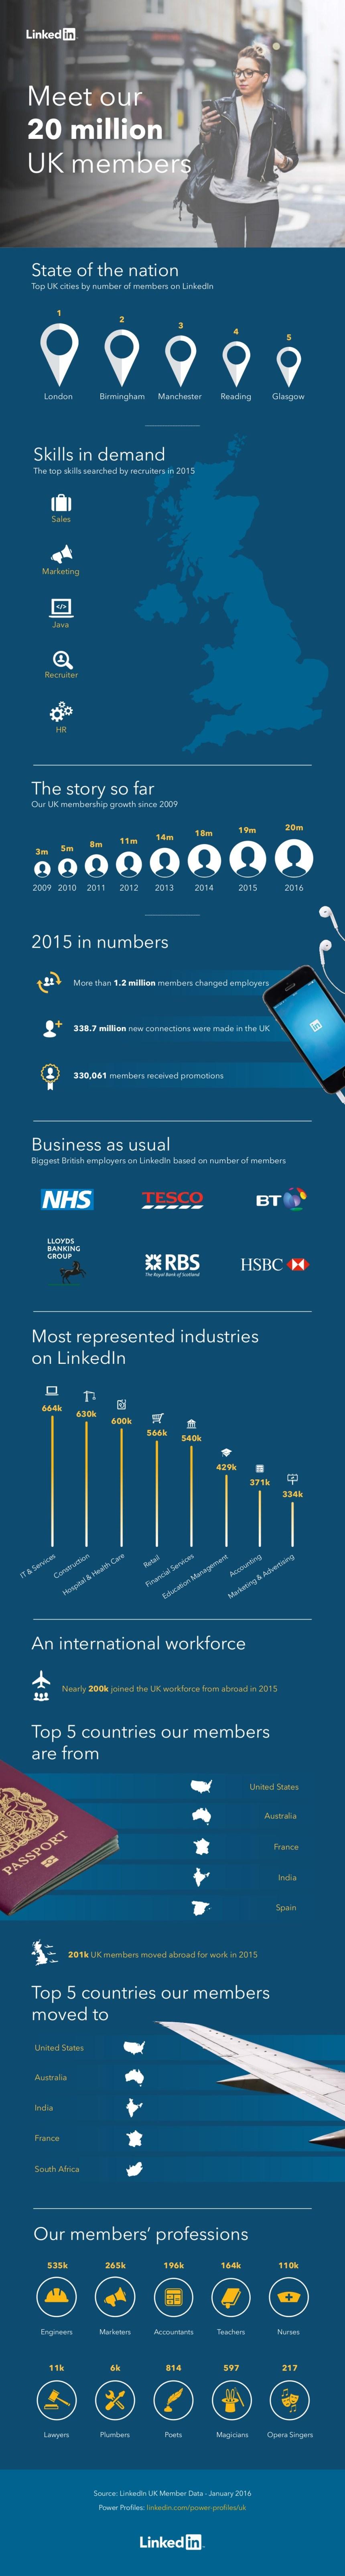 Linkedin tiene más de 20 millones de usuarios en el Reino Unido